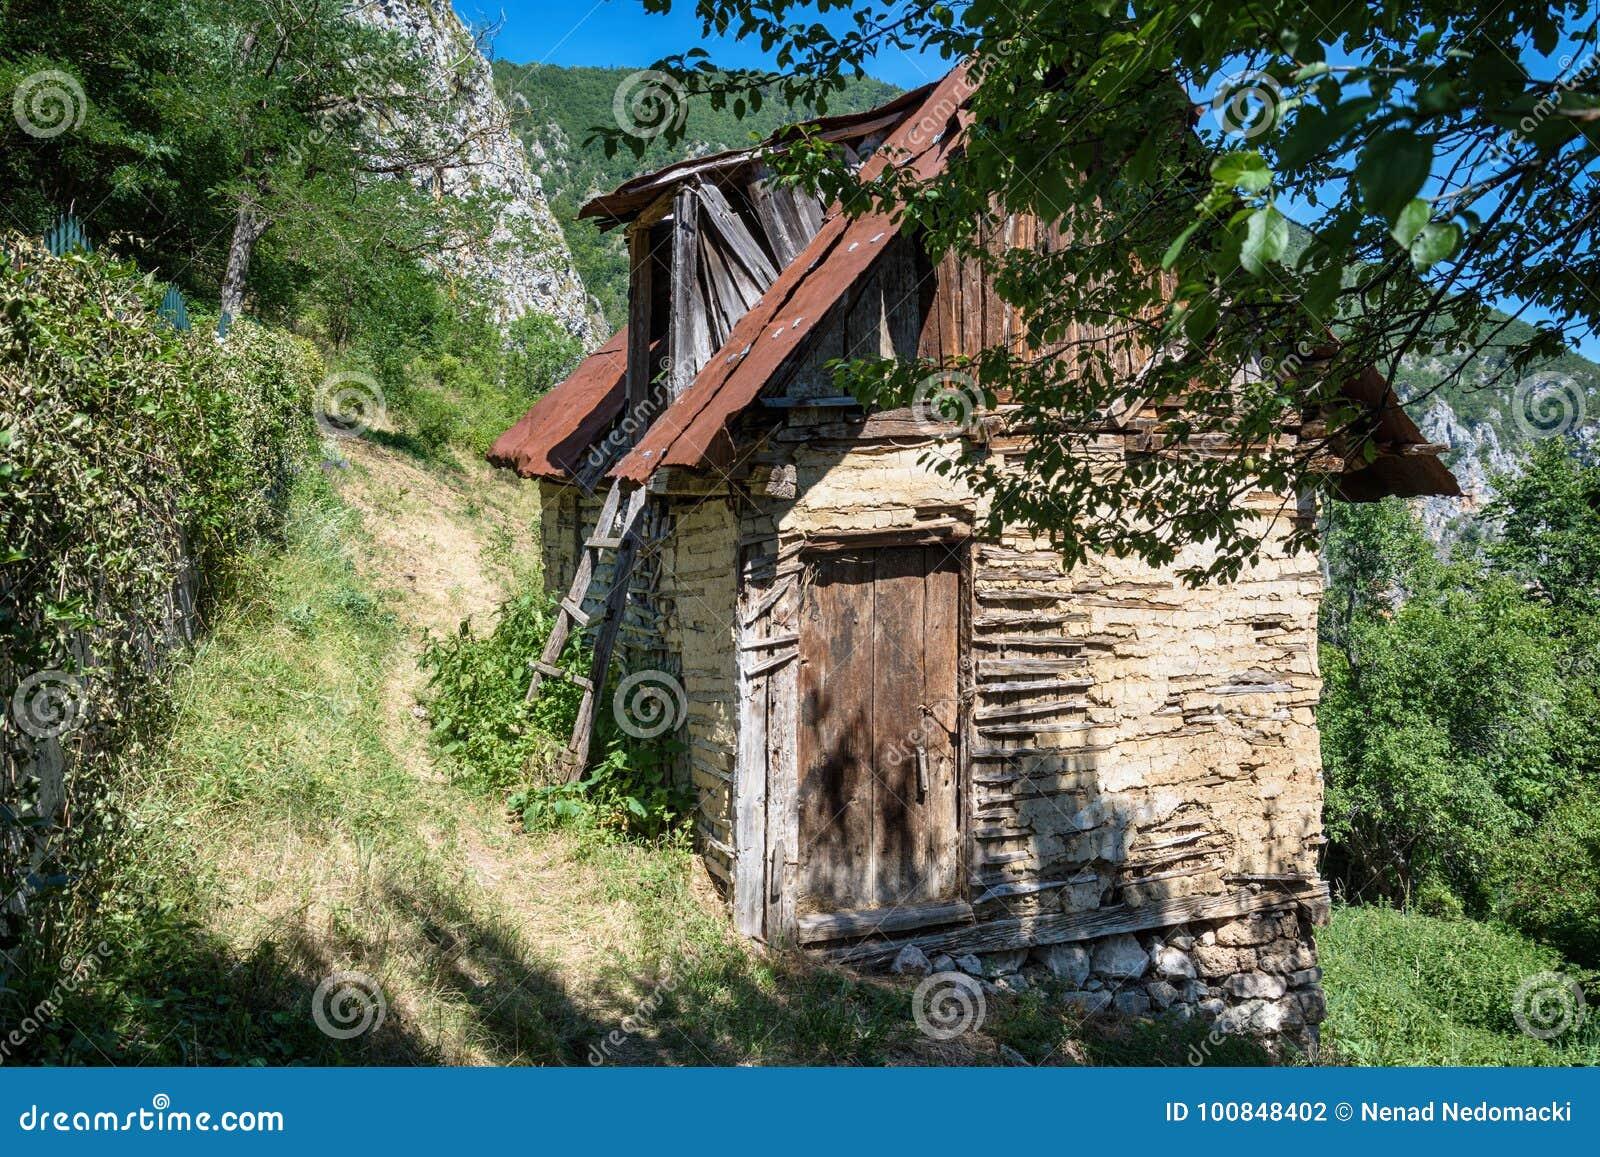 Case Di Montagna In Legno : Csn faller casa meta rustica e meta legno case di